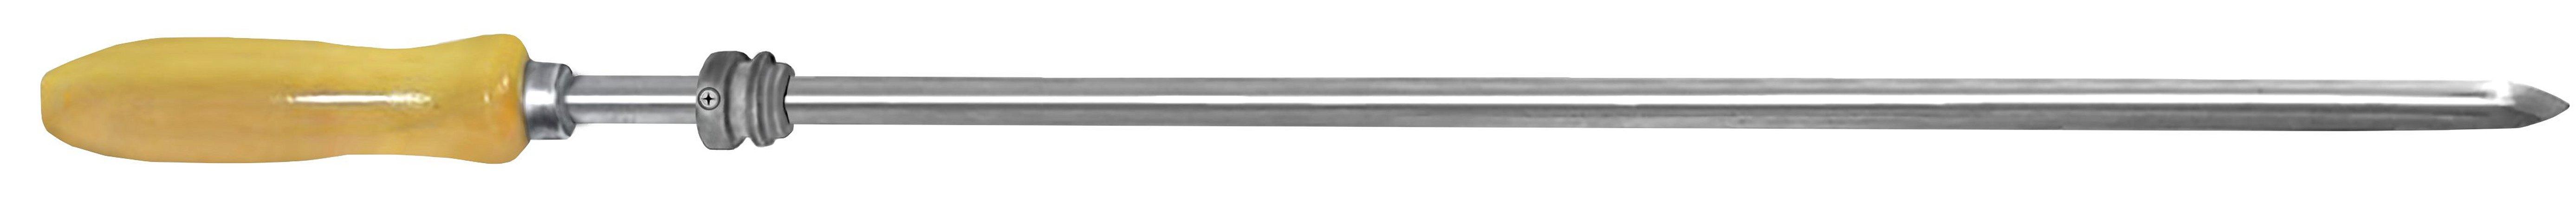 Espeto Inox com Roldana para Grill 072cm x 1,2mm (cabo 12 cm) -